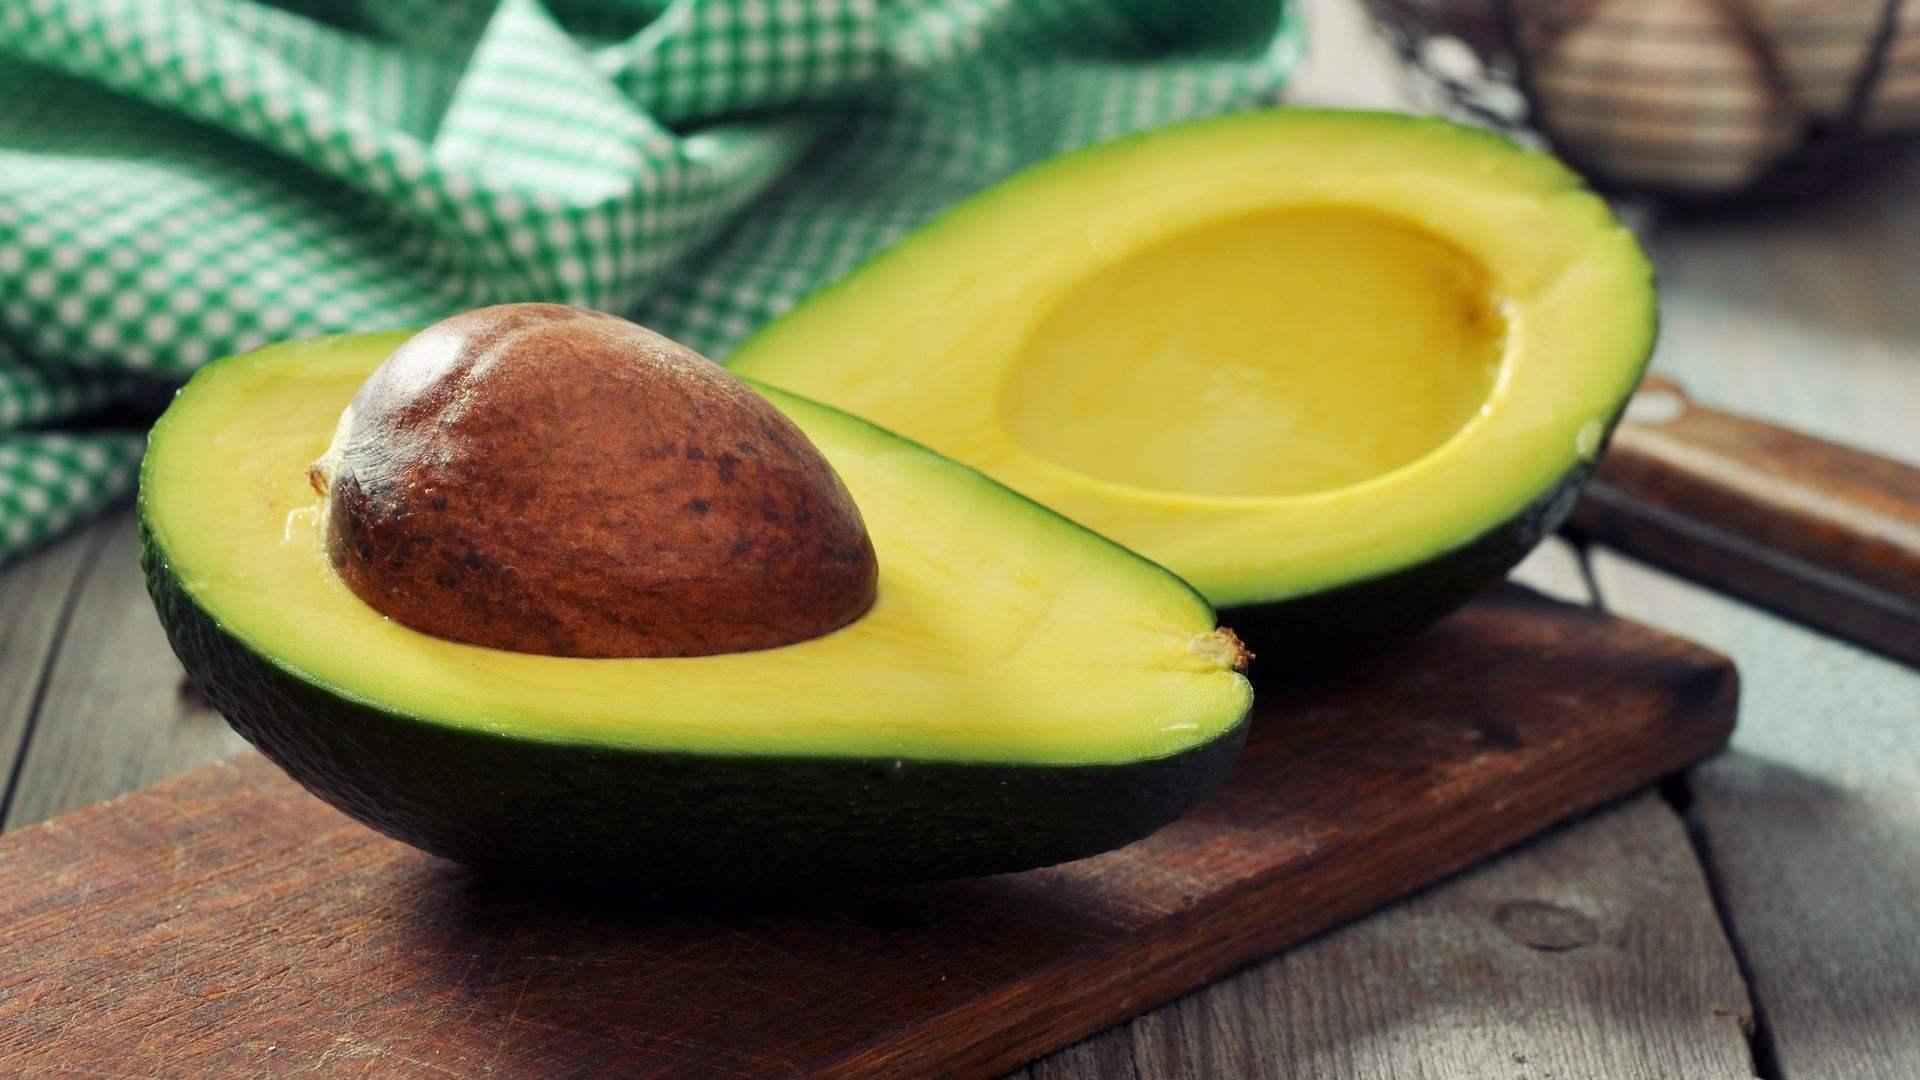 产后吃什么水果减肥 4种水果可帮助产后减肥